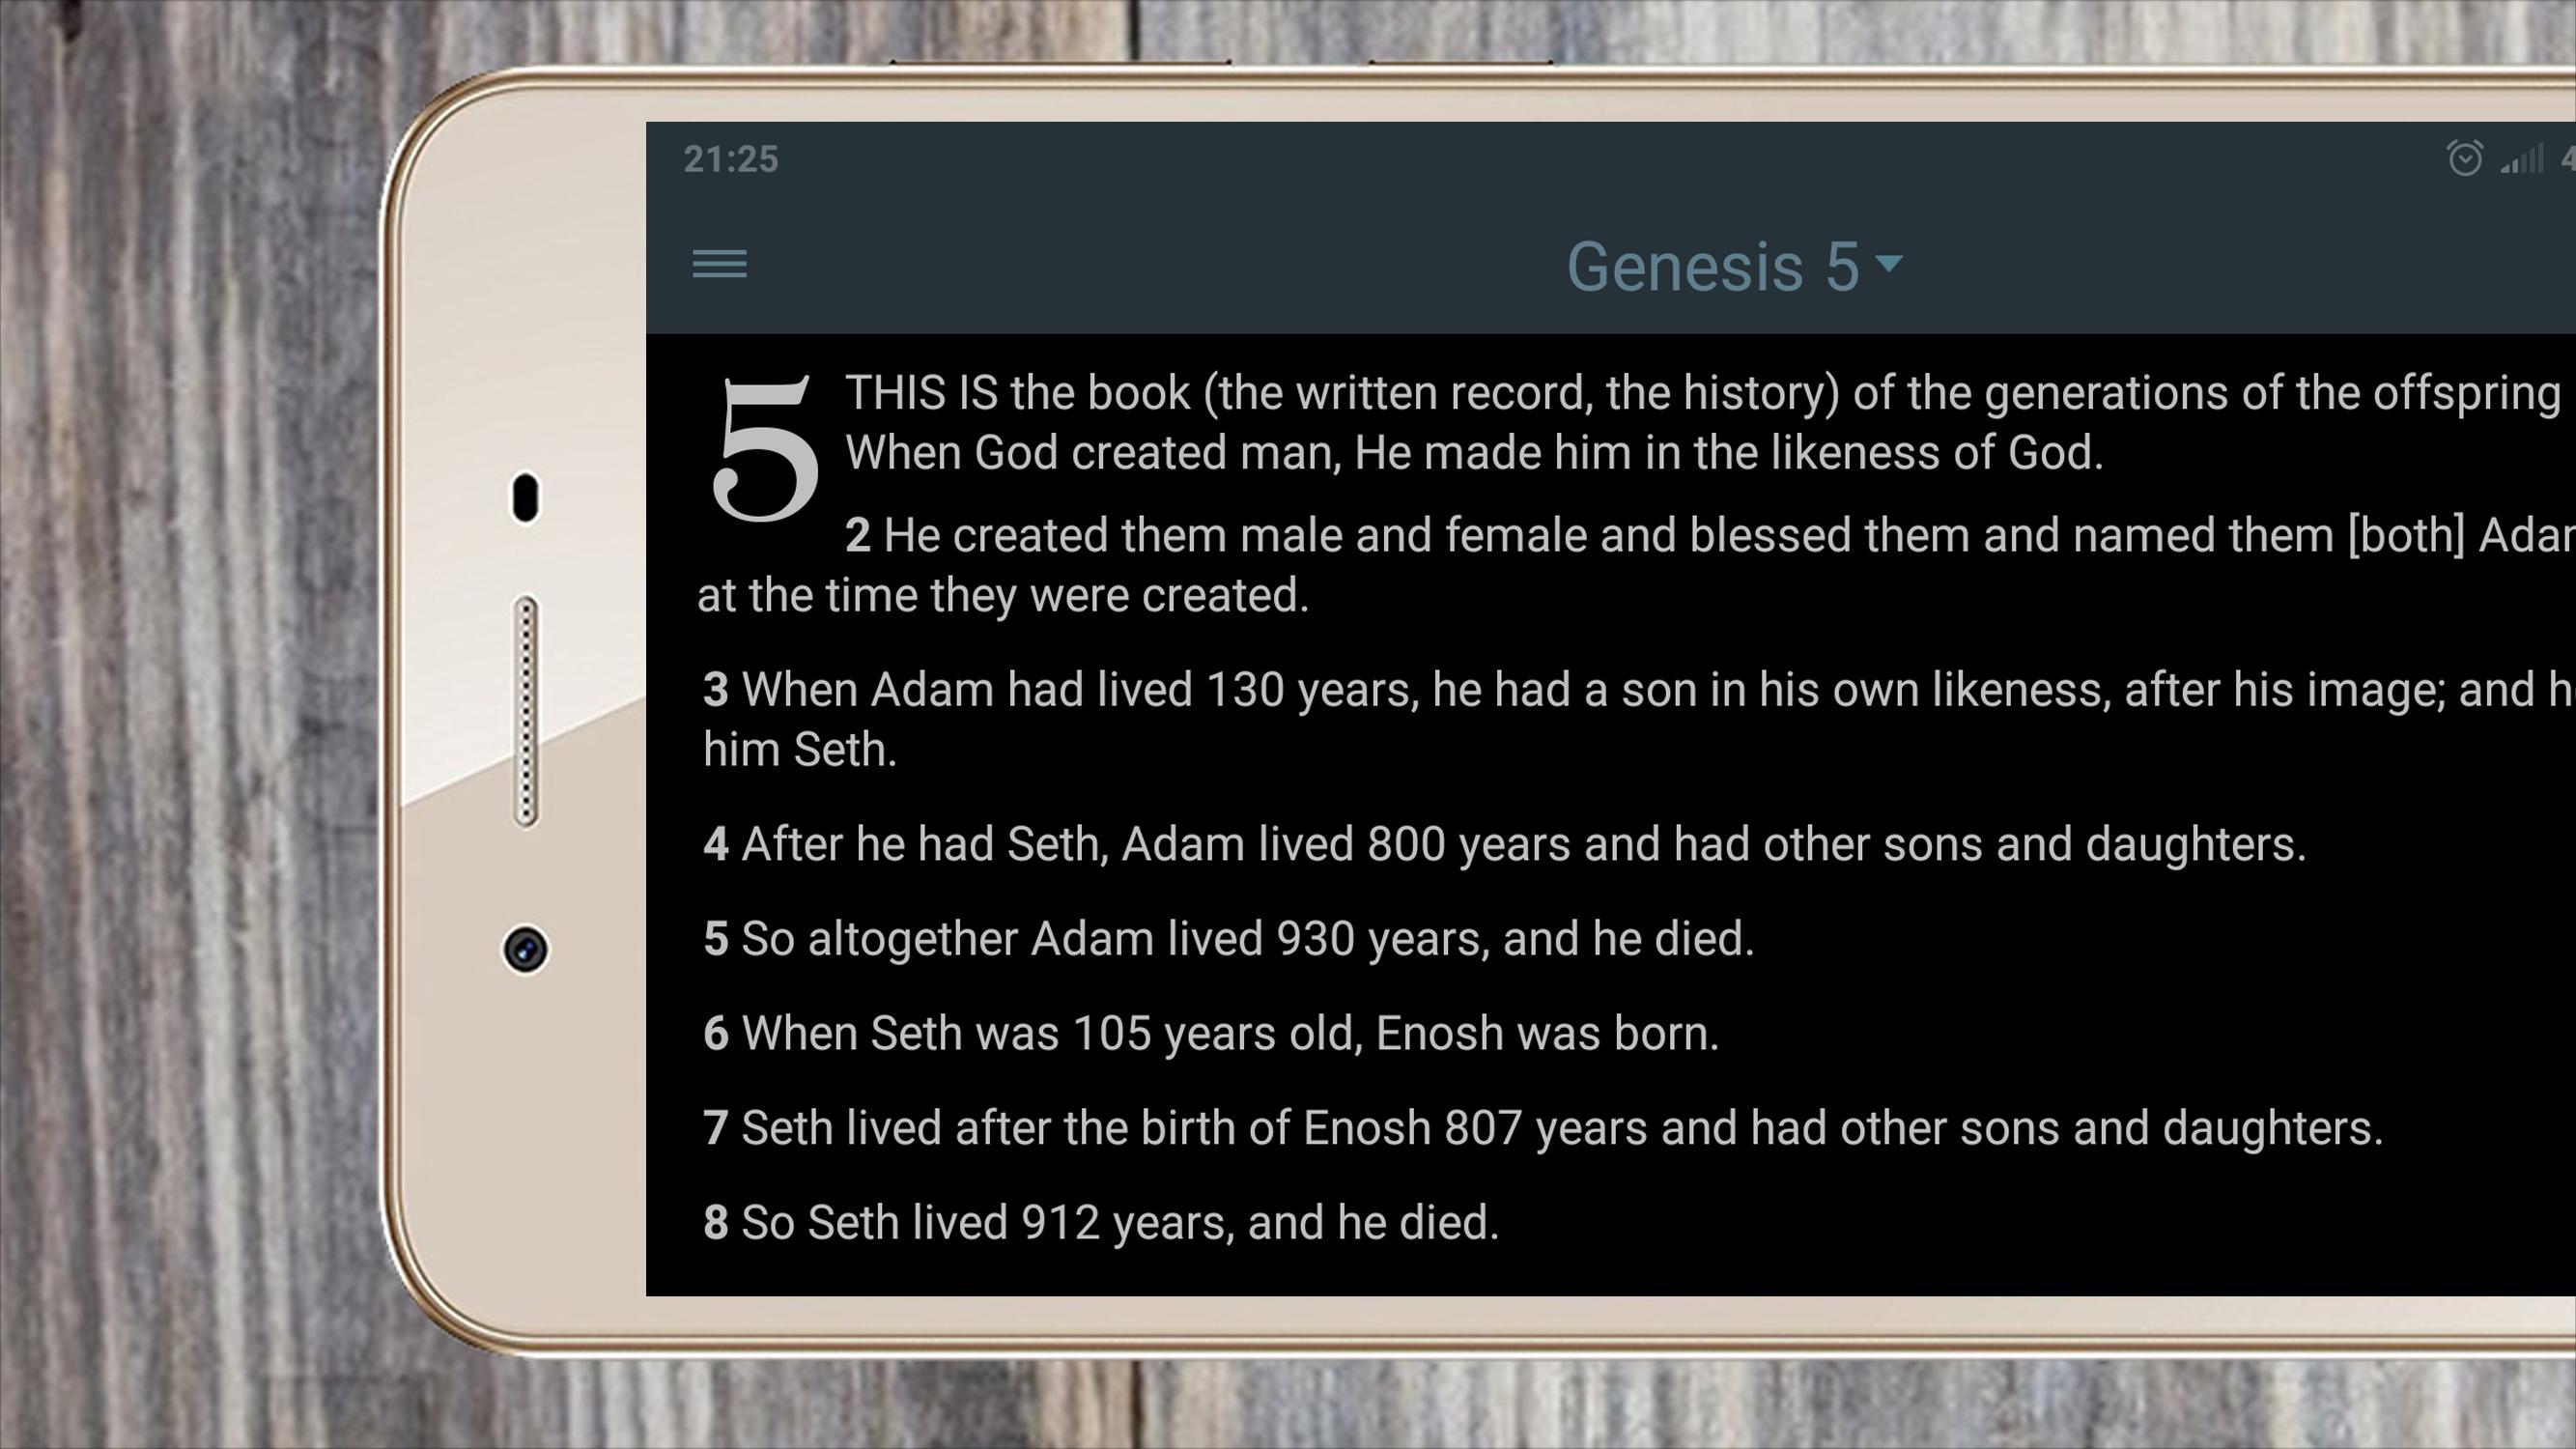 BIBLE TÉLÉCHARGER AMPLIFIED